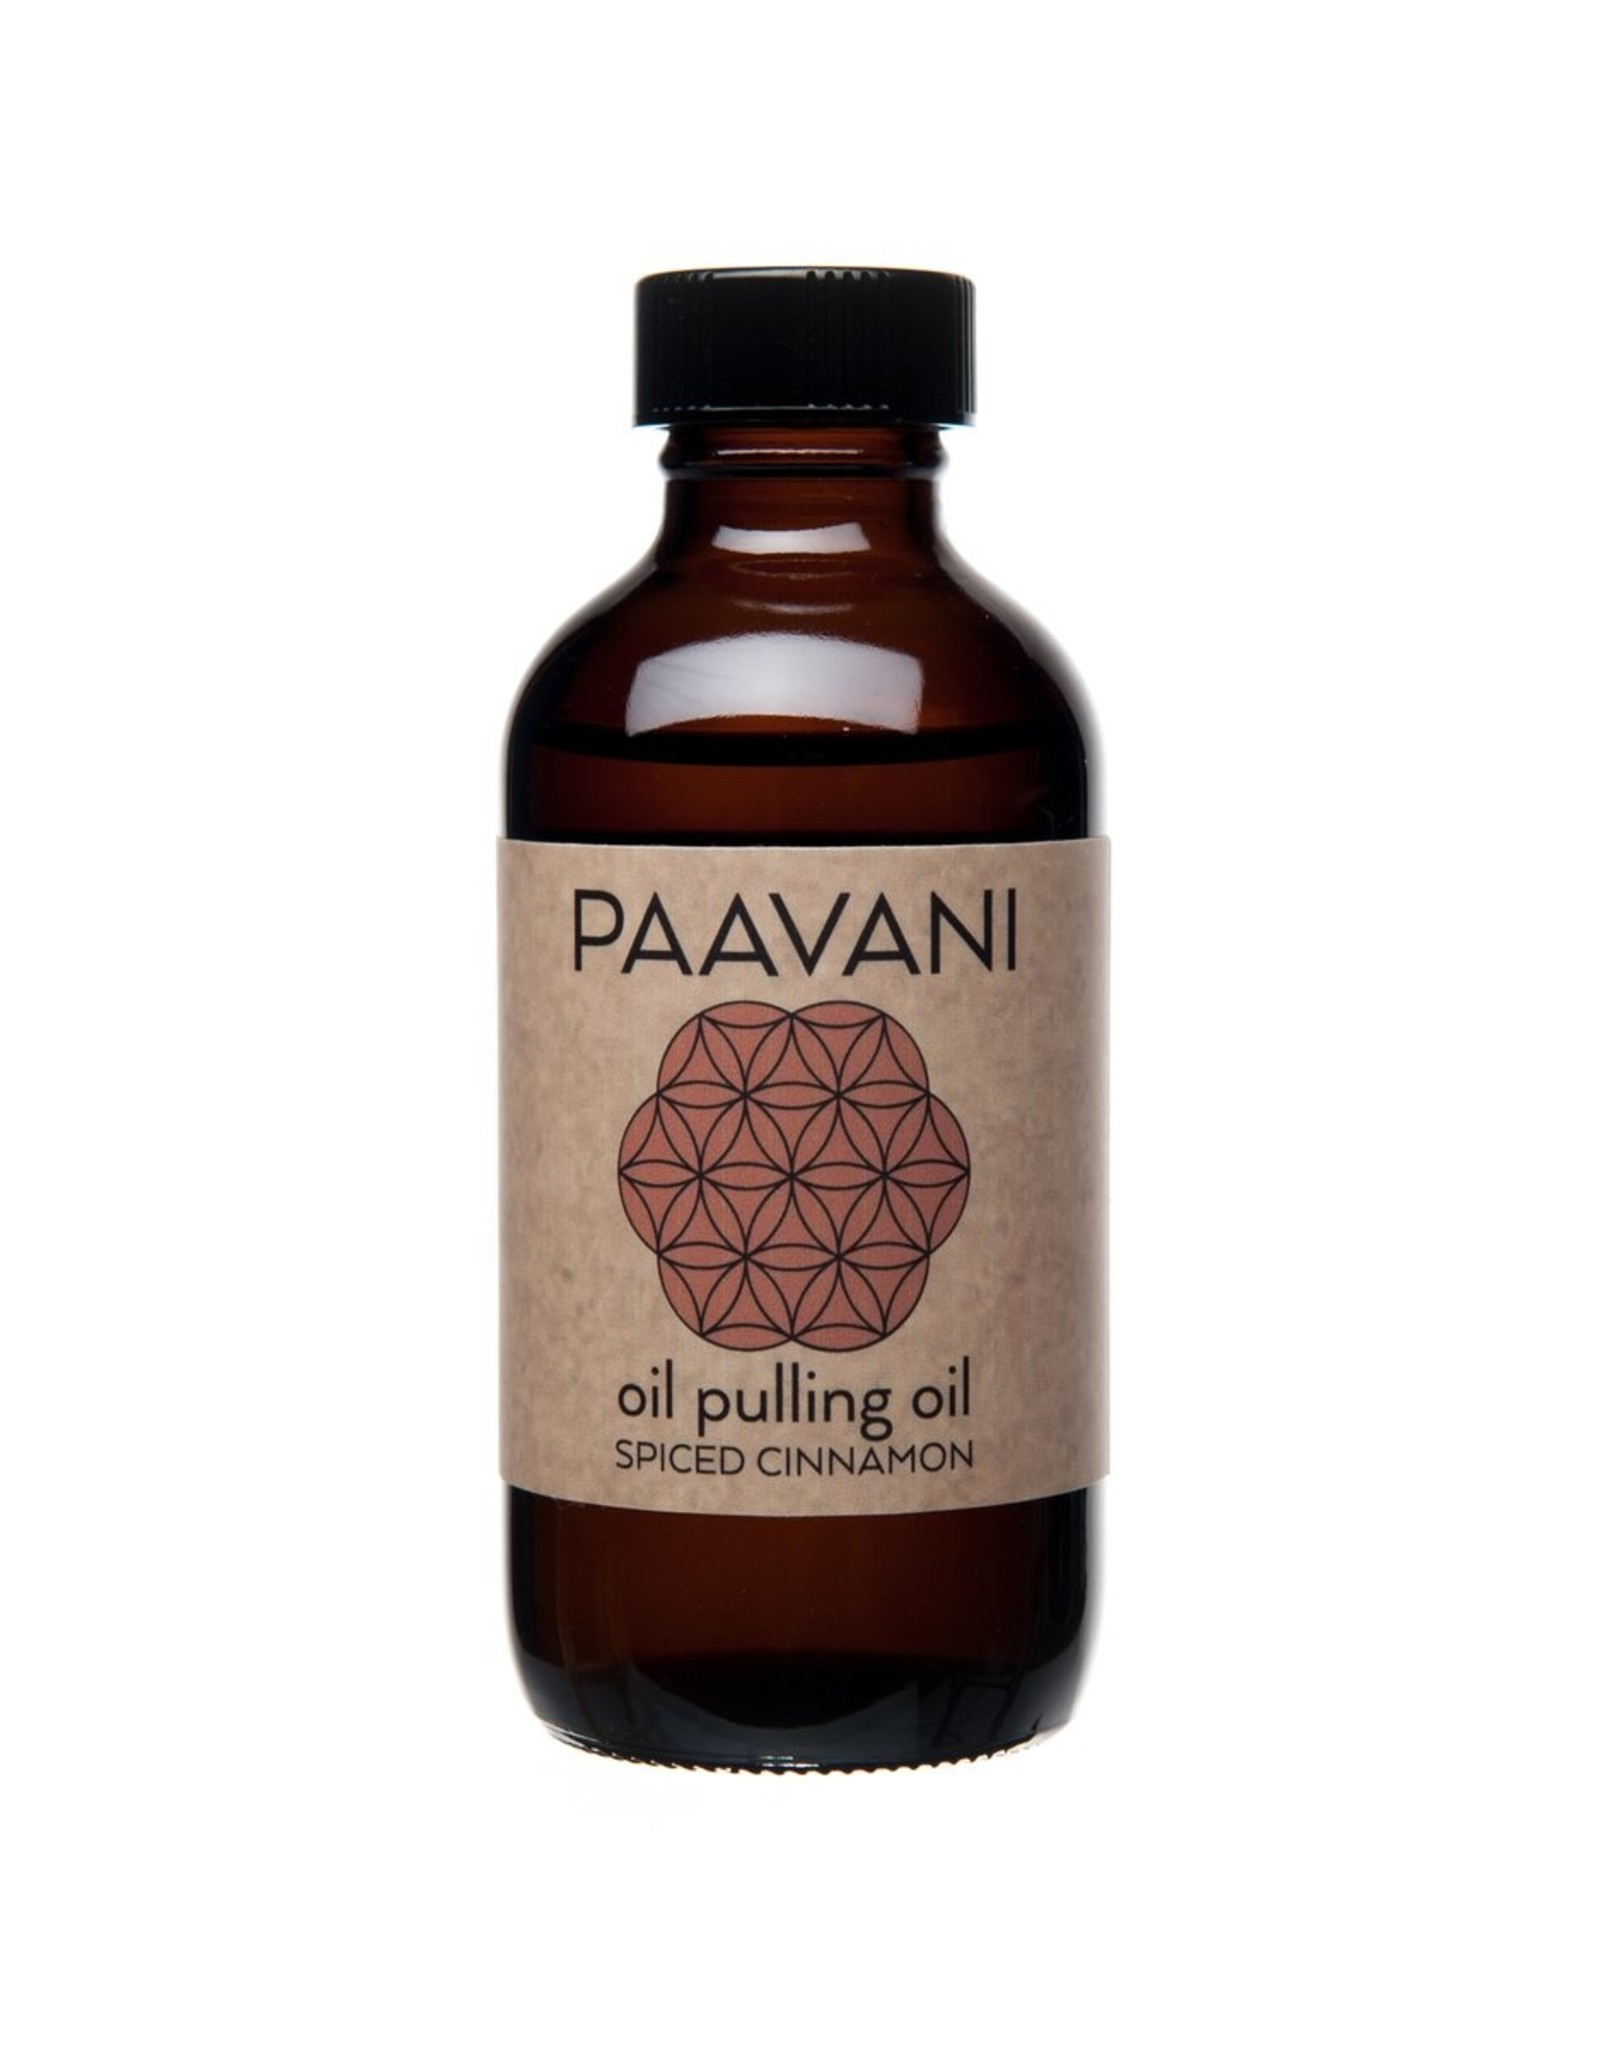 PAAVANI Ayurveda Spiced Cinnamon Pulling Oil 4oz